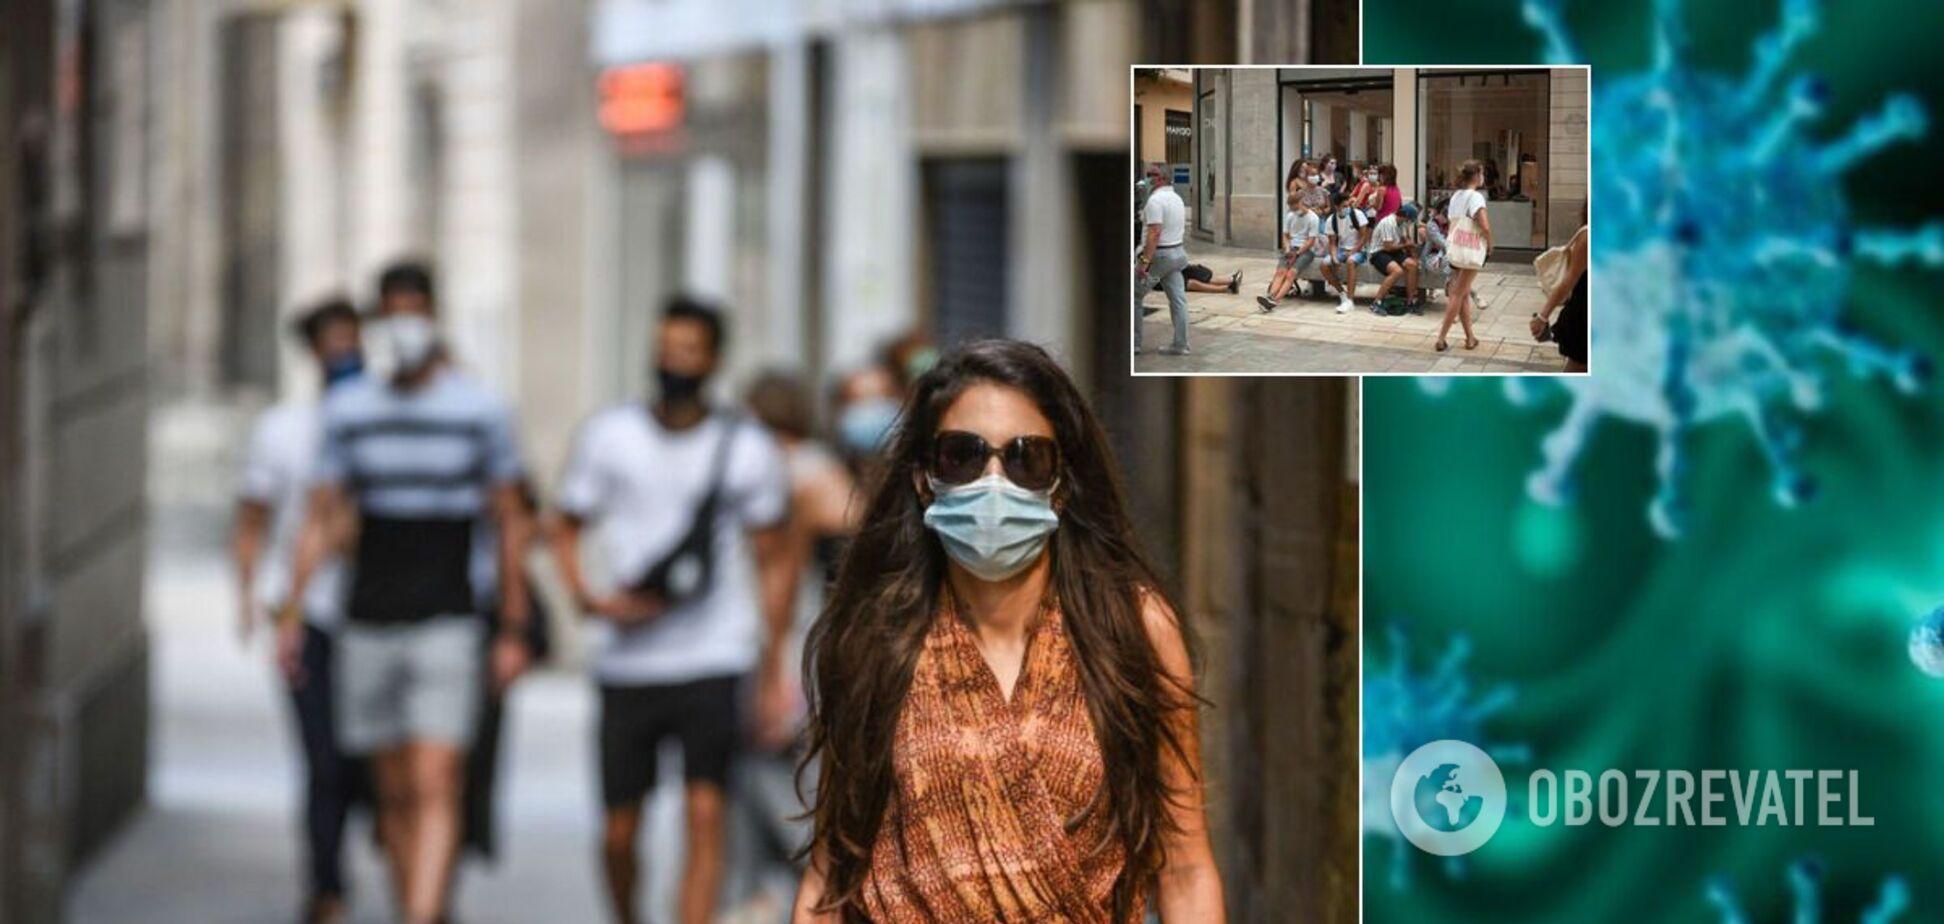 Европу накрыла вторая волна коронавируса, границы снова закрывают